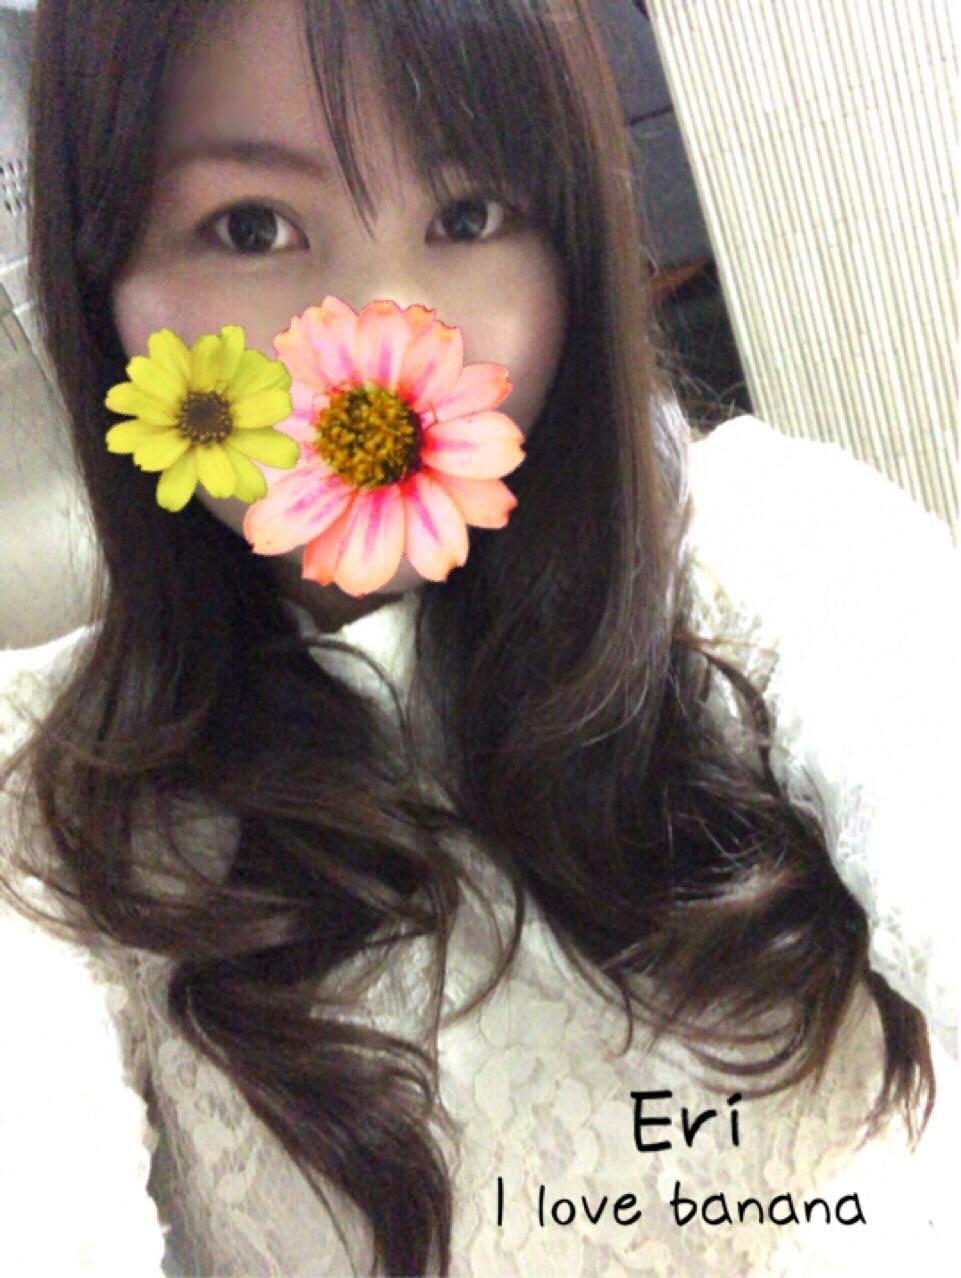 「移動中♪」05/26(05/26) 00:16 | えりちゃんの写メ・風俗動画